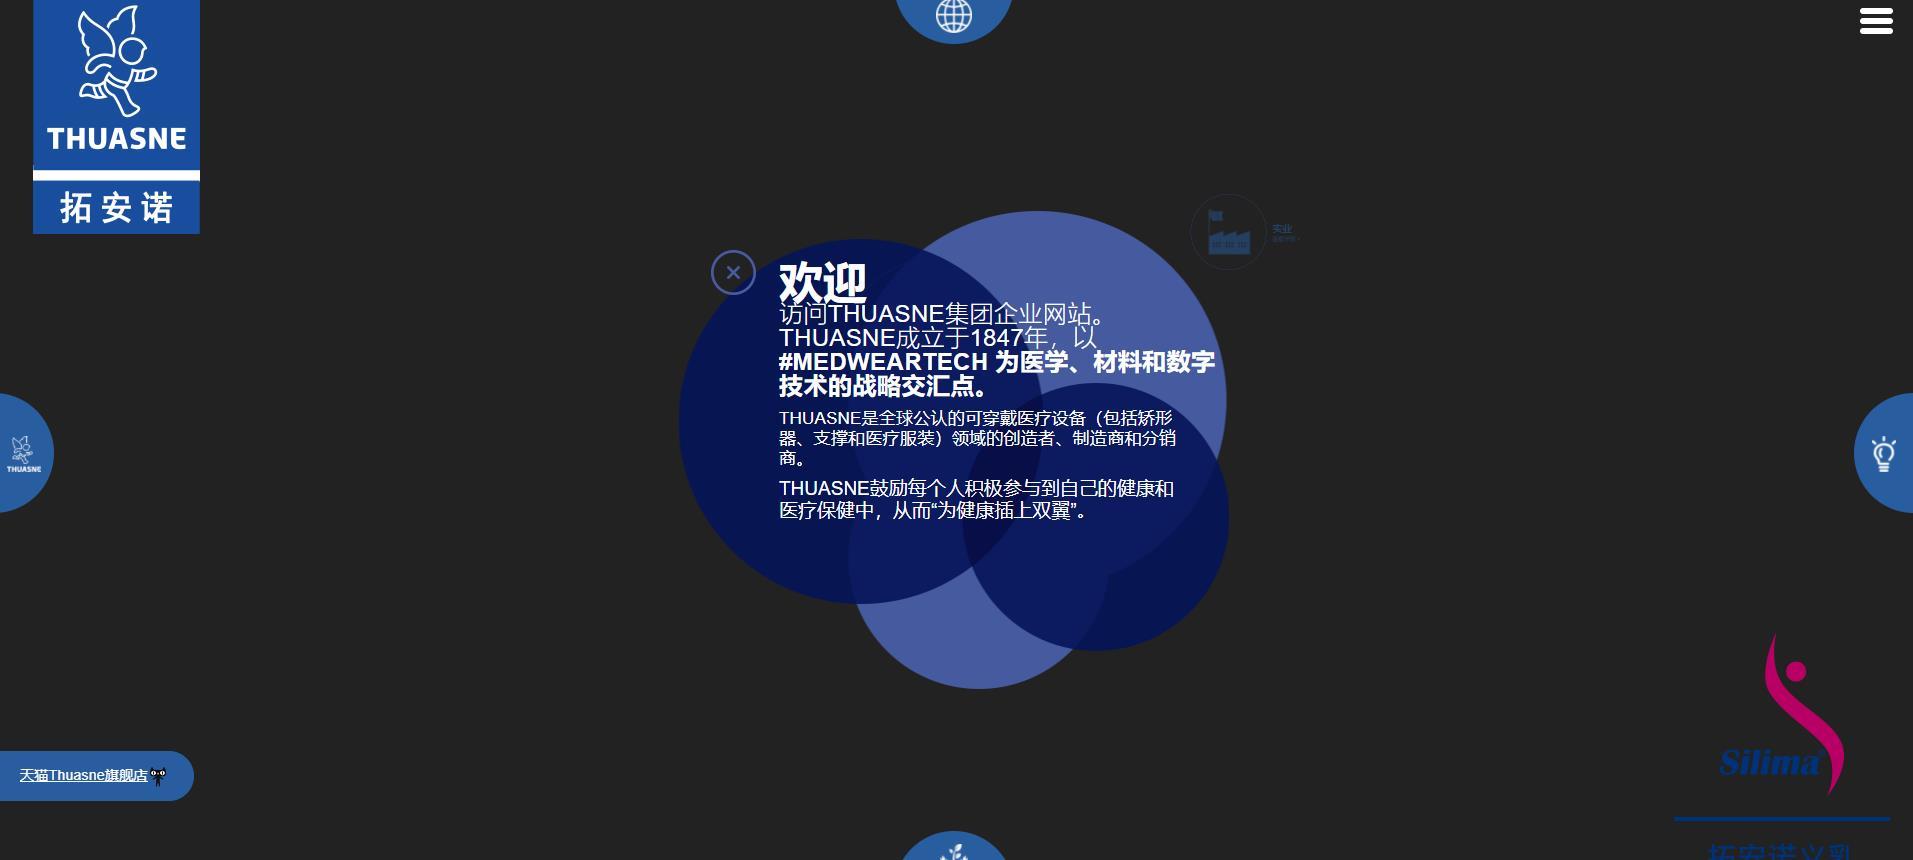 拓安诺(THUASNE)中国官网 THUASNE官方旗舰店